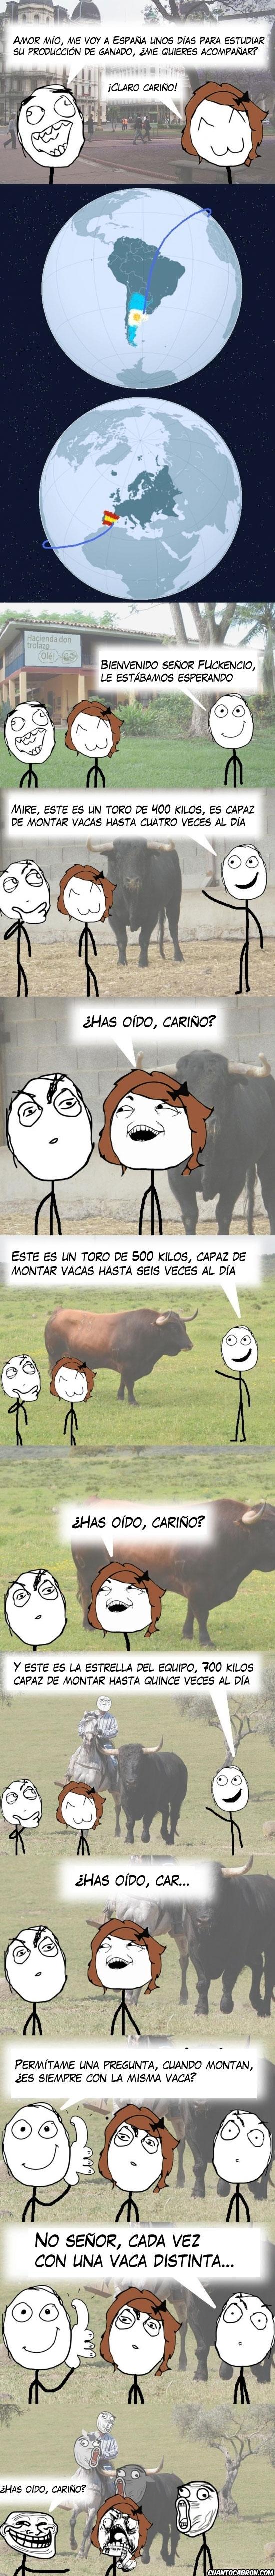 Trollface - Producción de ganado